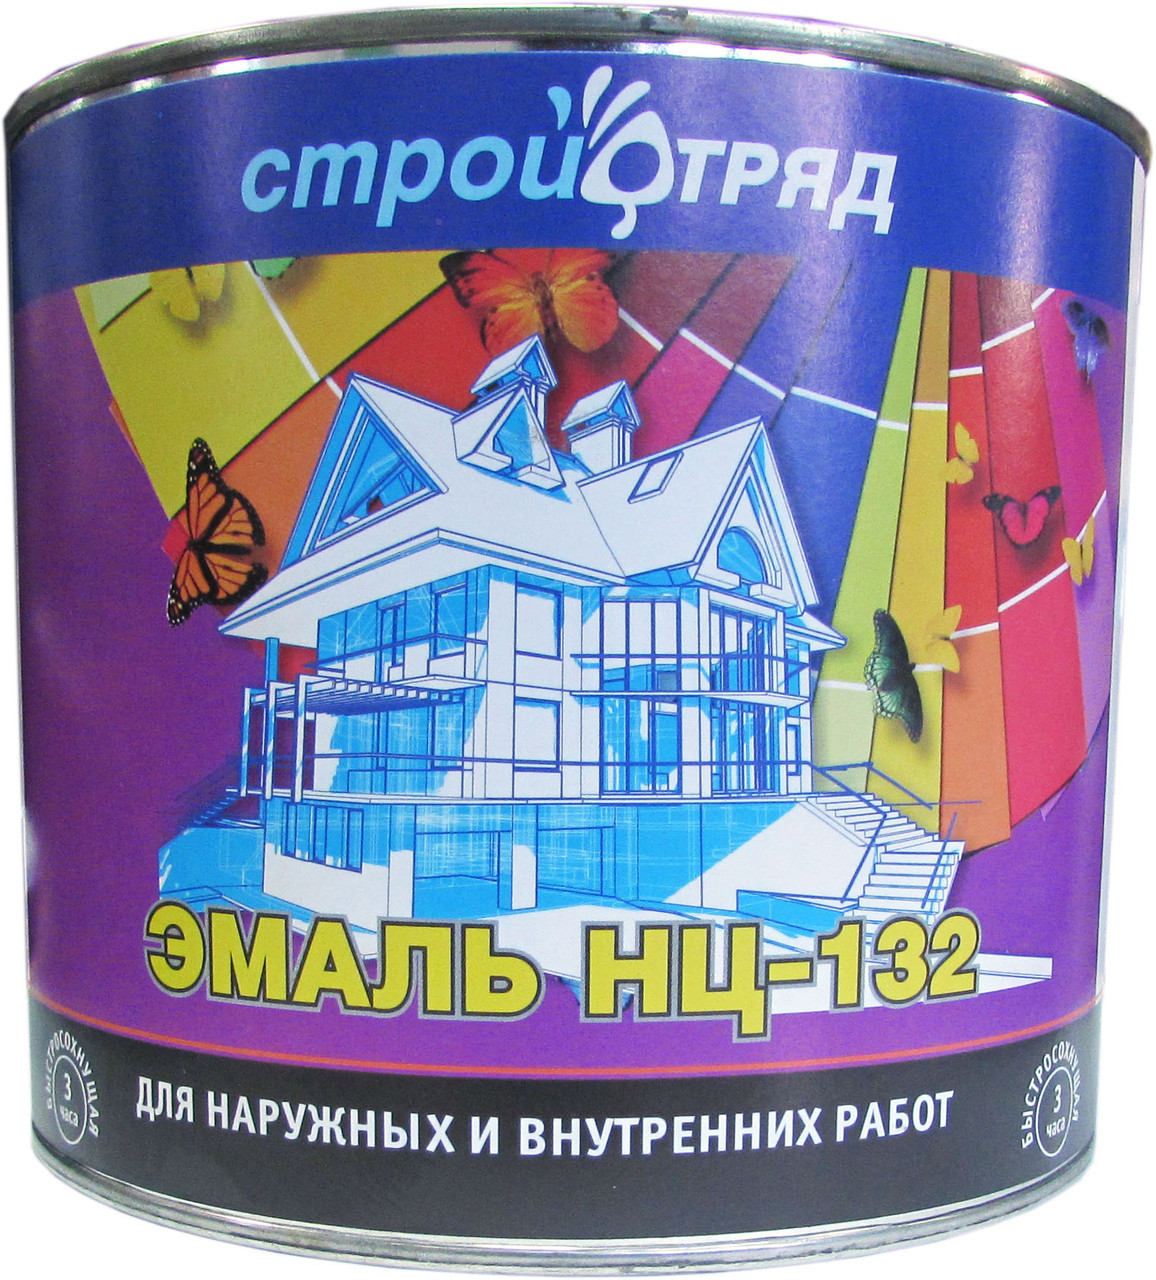 ЭМАЛЬ НЦ-132 зеленая 2,6 кг